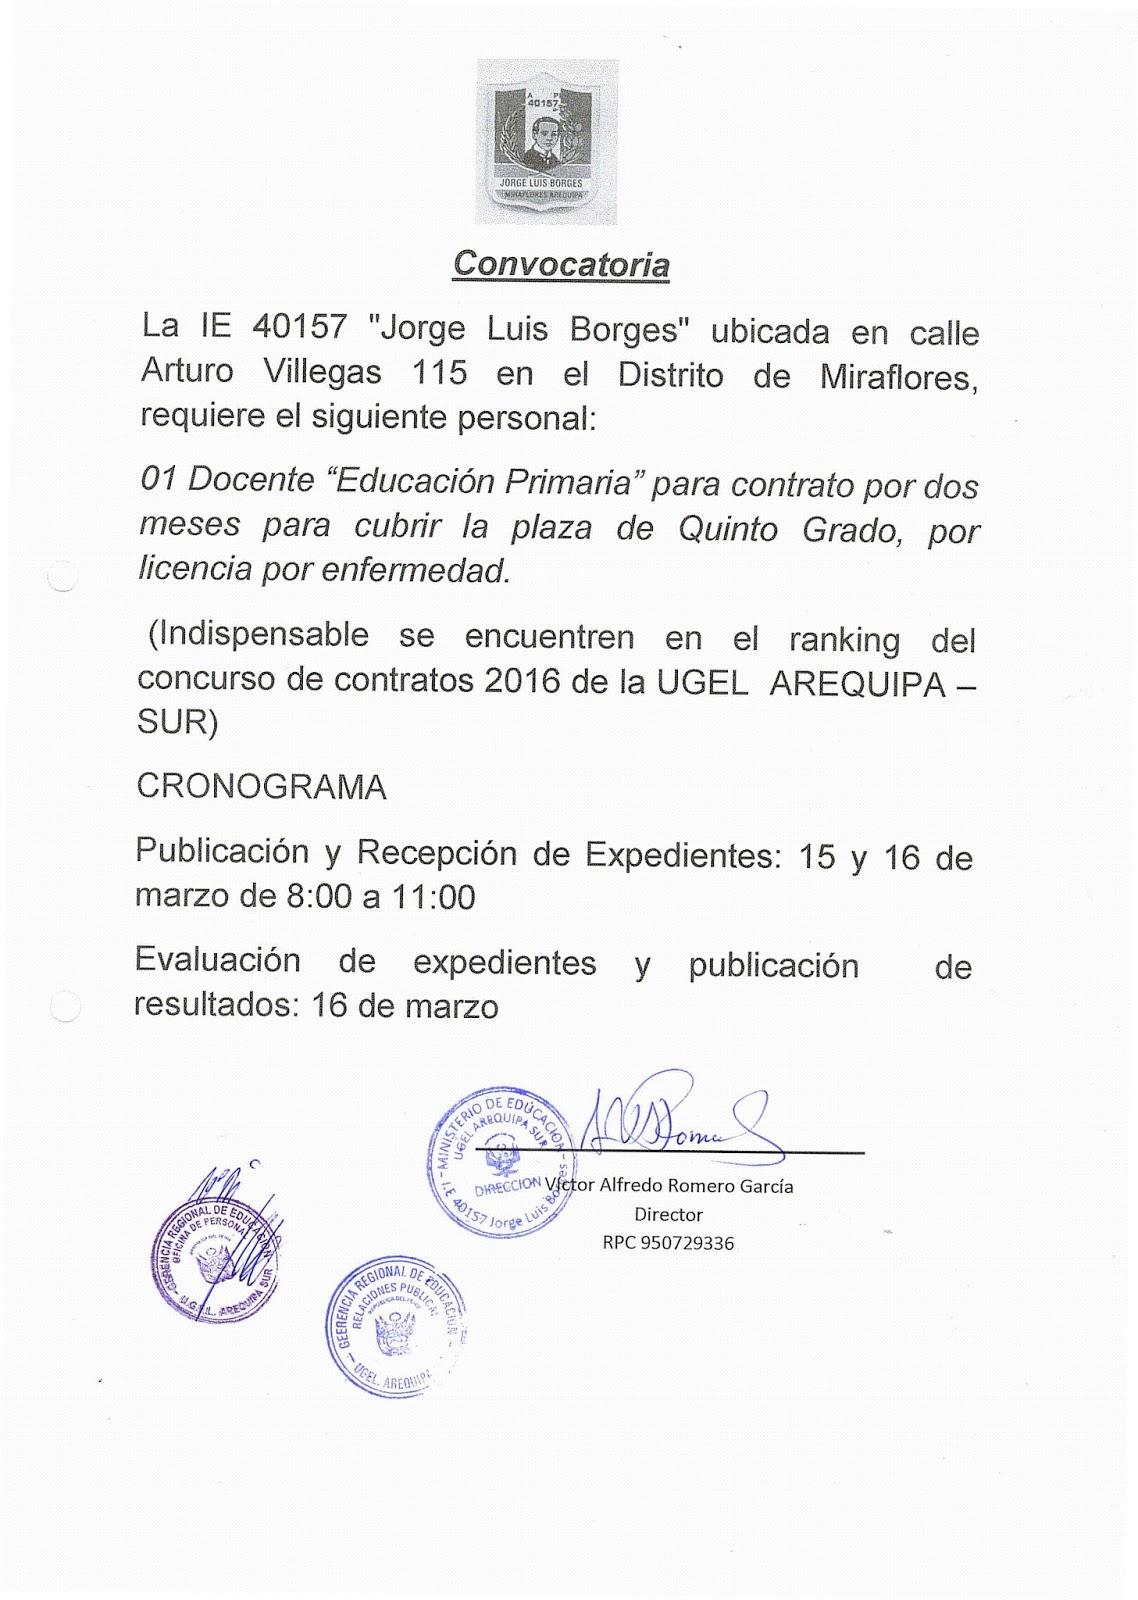 M s plazas de contrado docente 2016 ugel arequipa sur for Plazas de docentes 2016